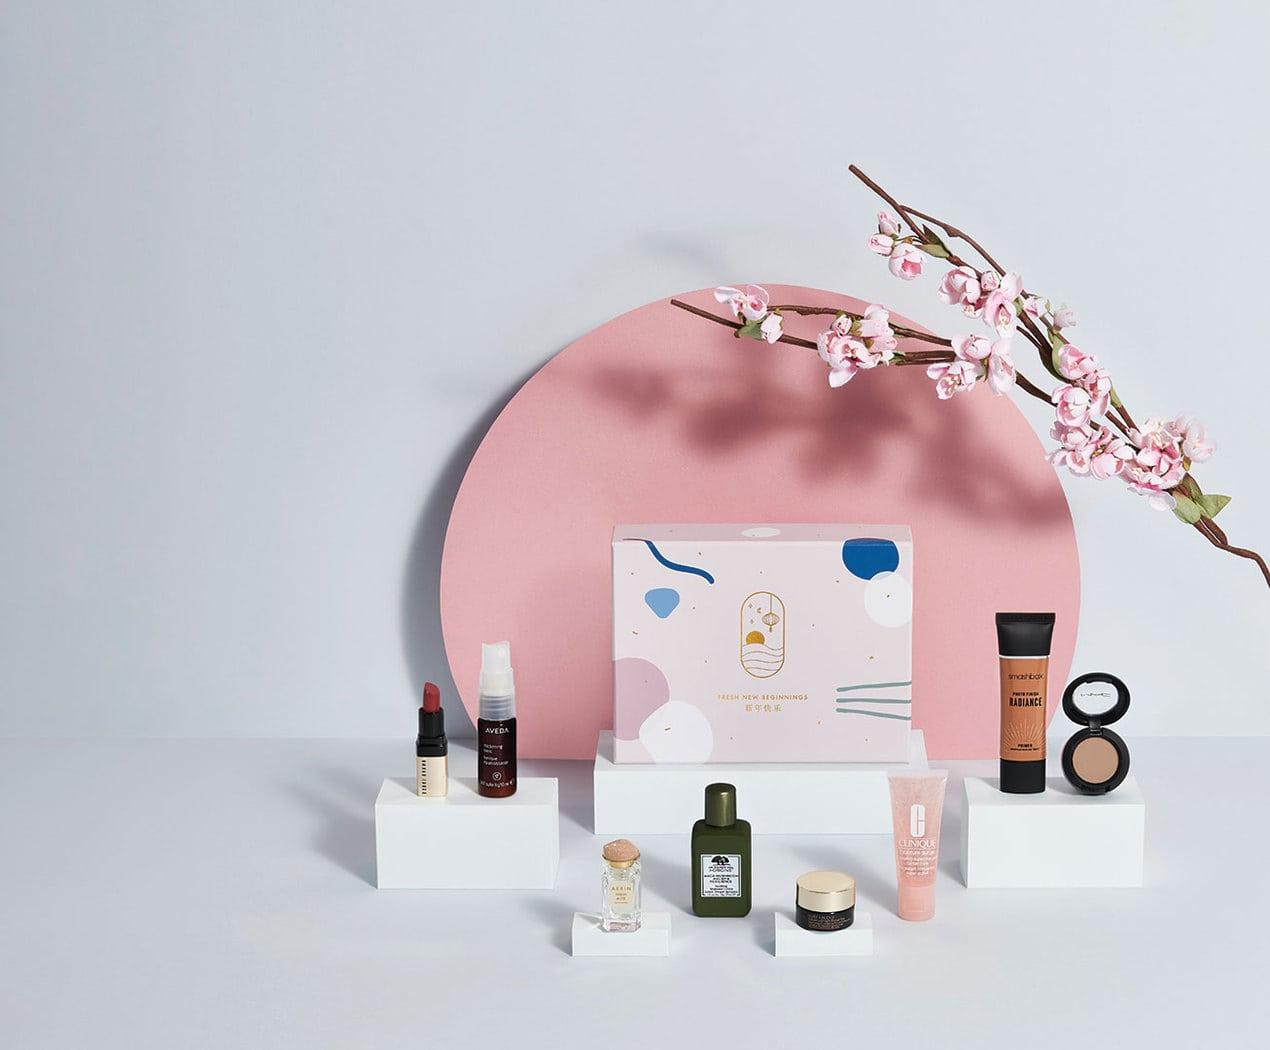 ESTÉE LAUDER Fresh New Beginnings Beauty Box, £28;